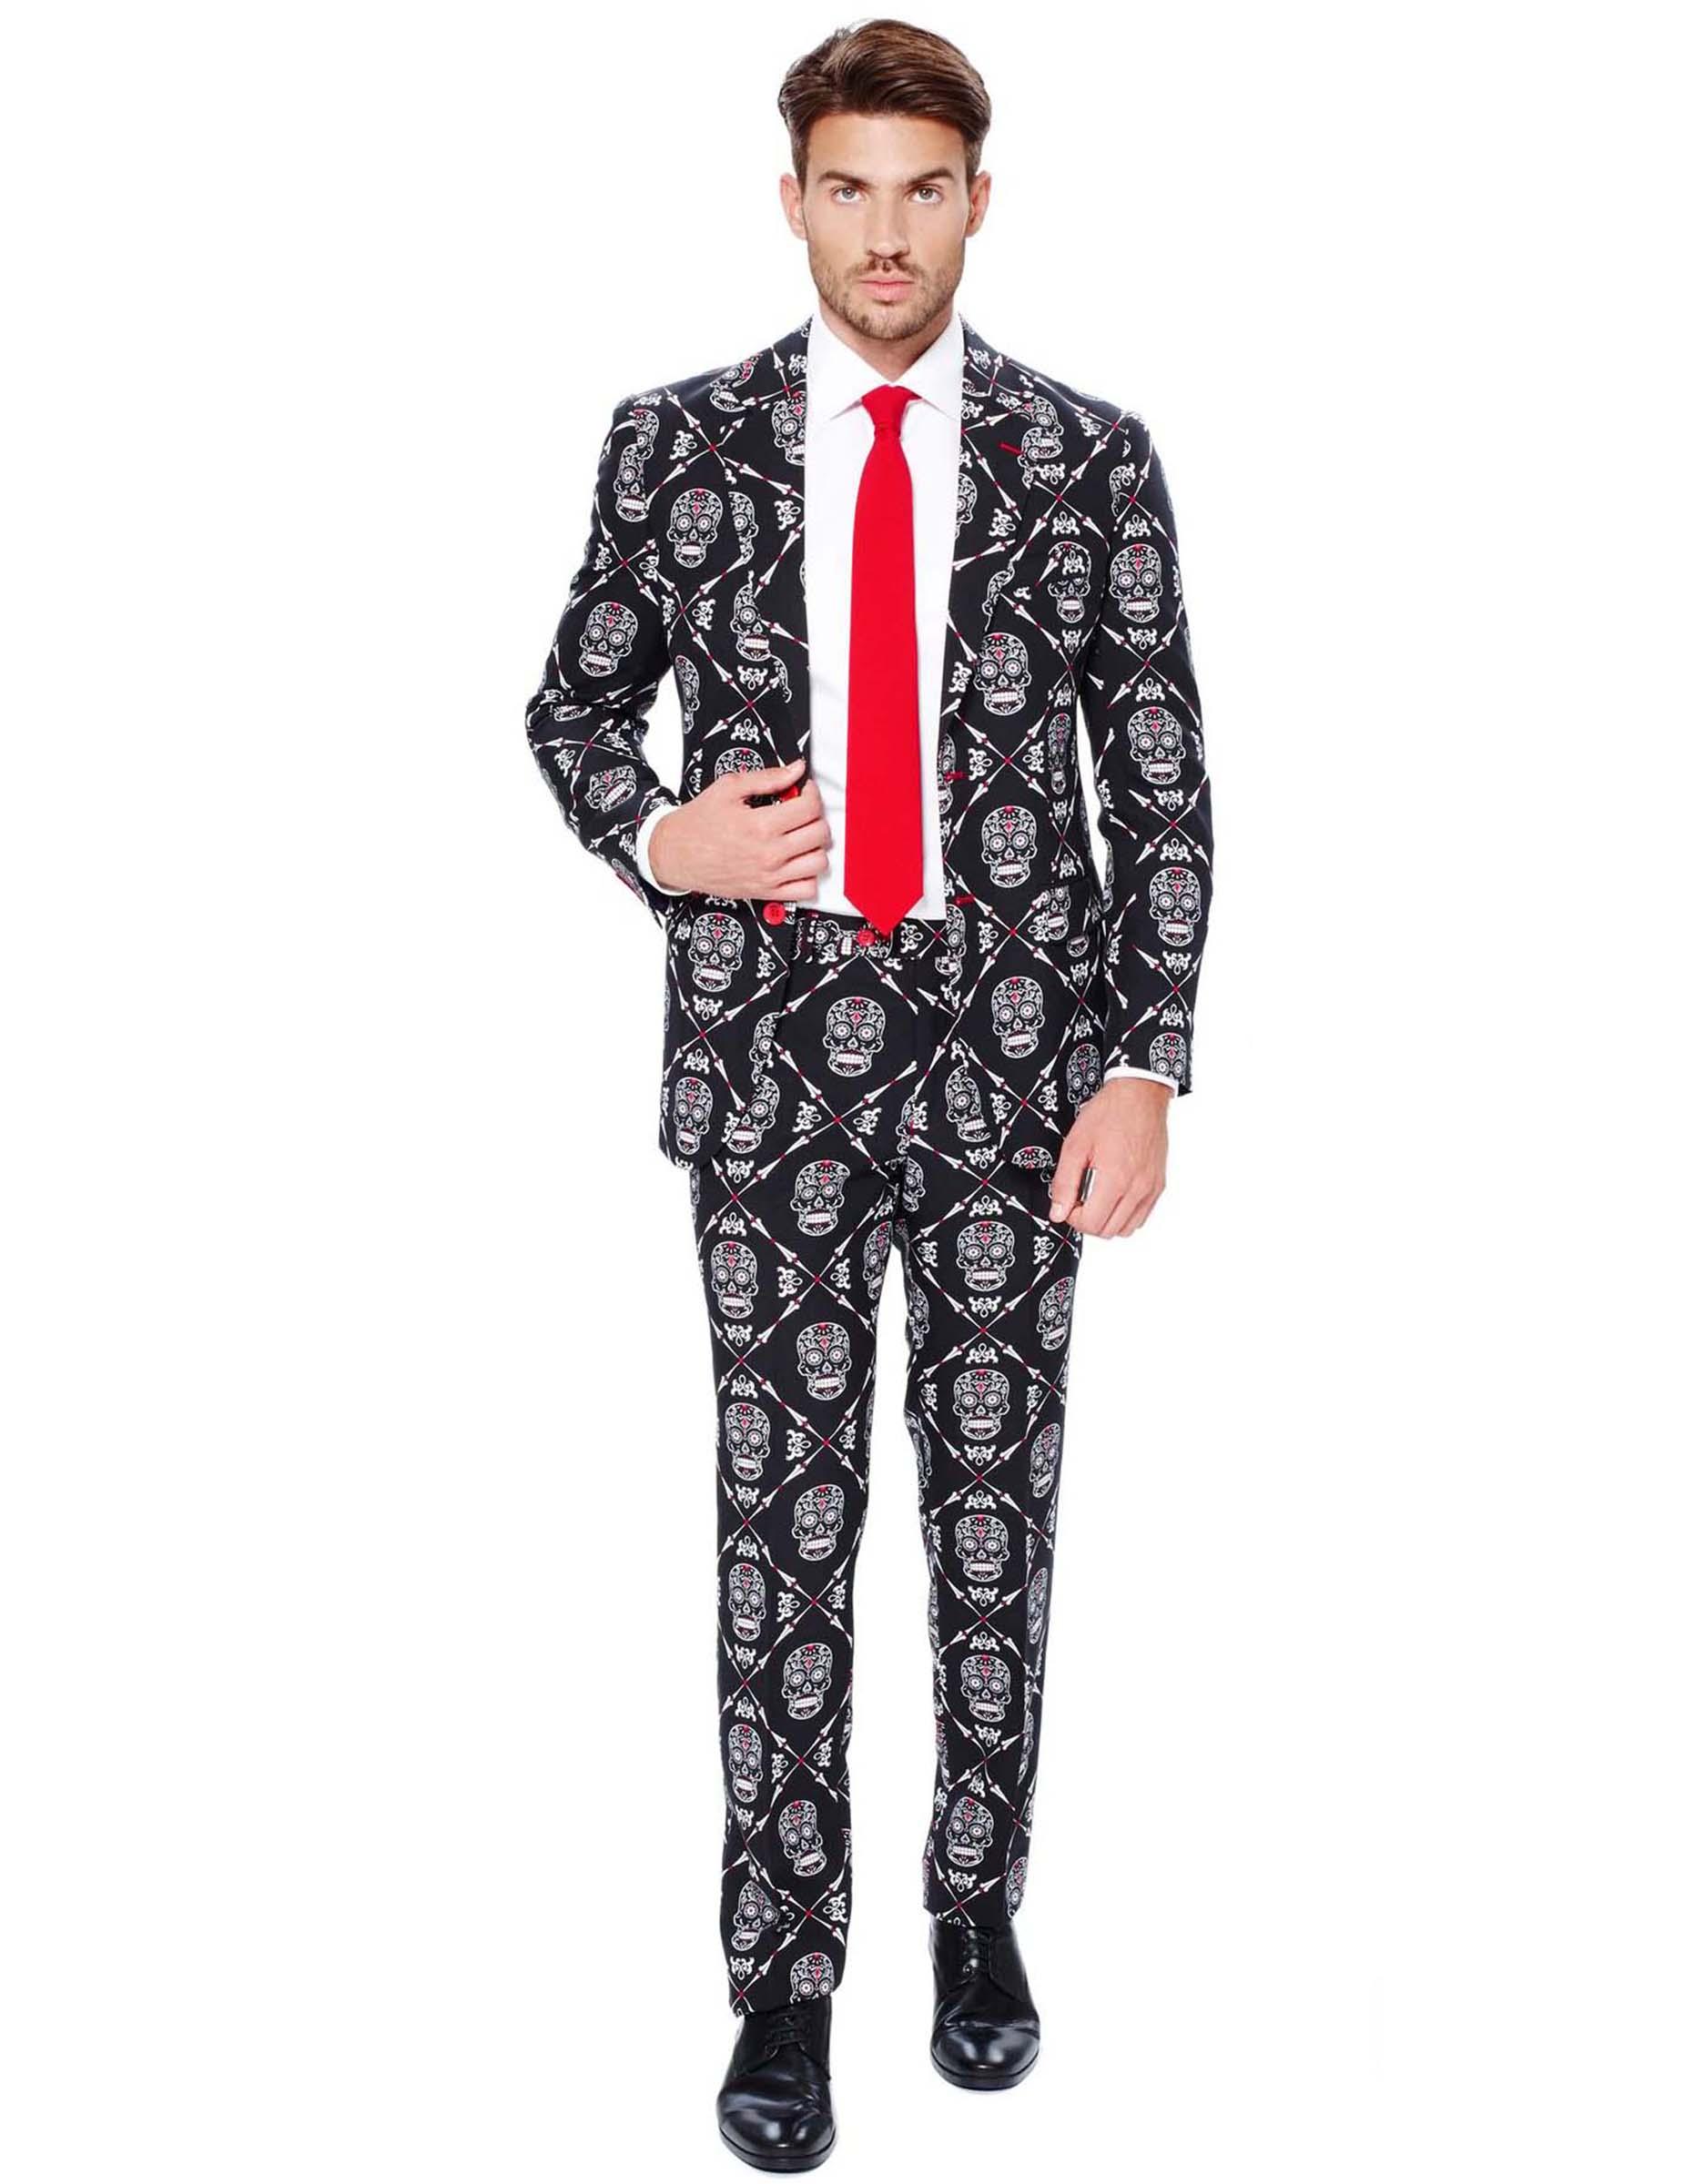 Traje Mr. Skeleton hombre Opposuits™ Día de los Muertos  Disfraces ... 0c95d8bbed9